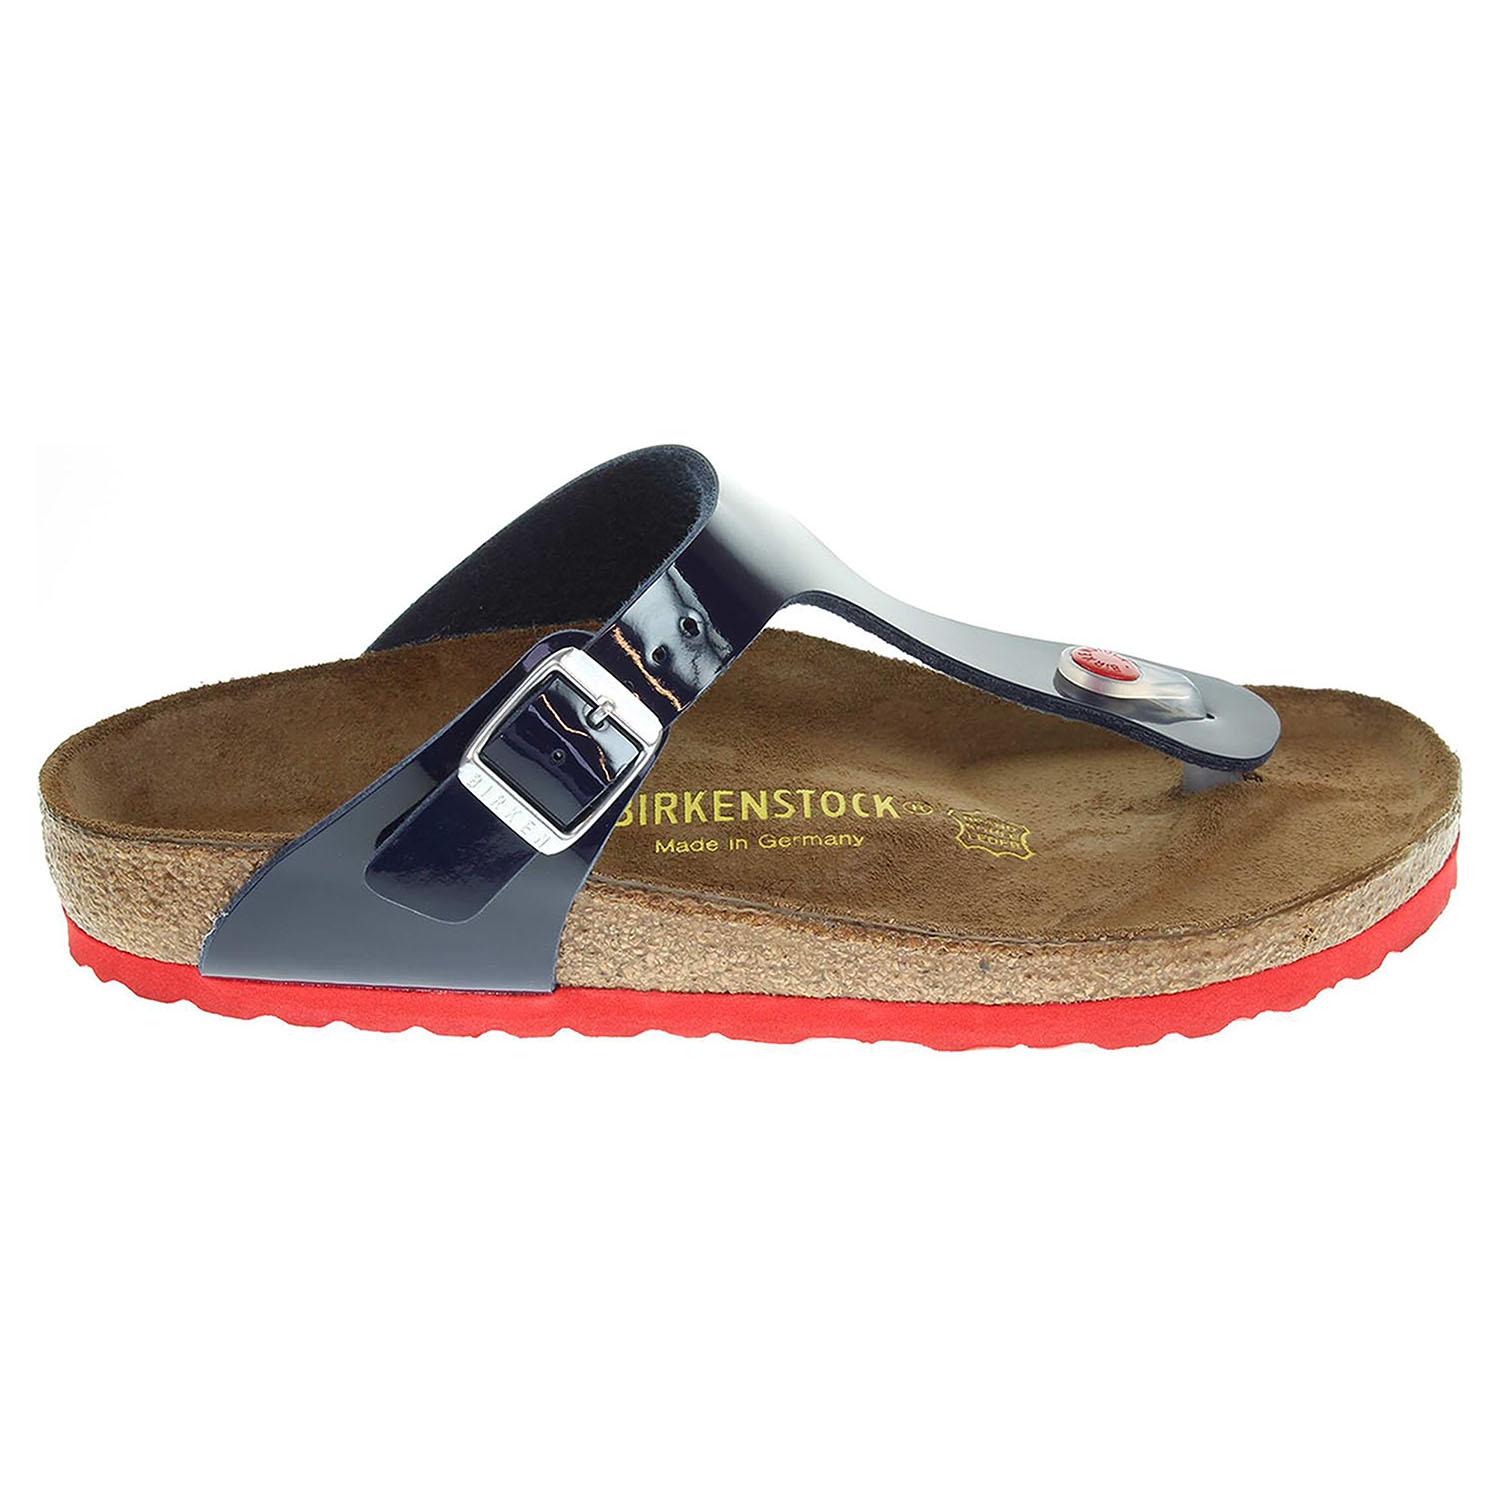 Birkenstock Gizeh dámské pantofle 845881 modré 41